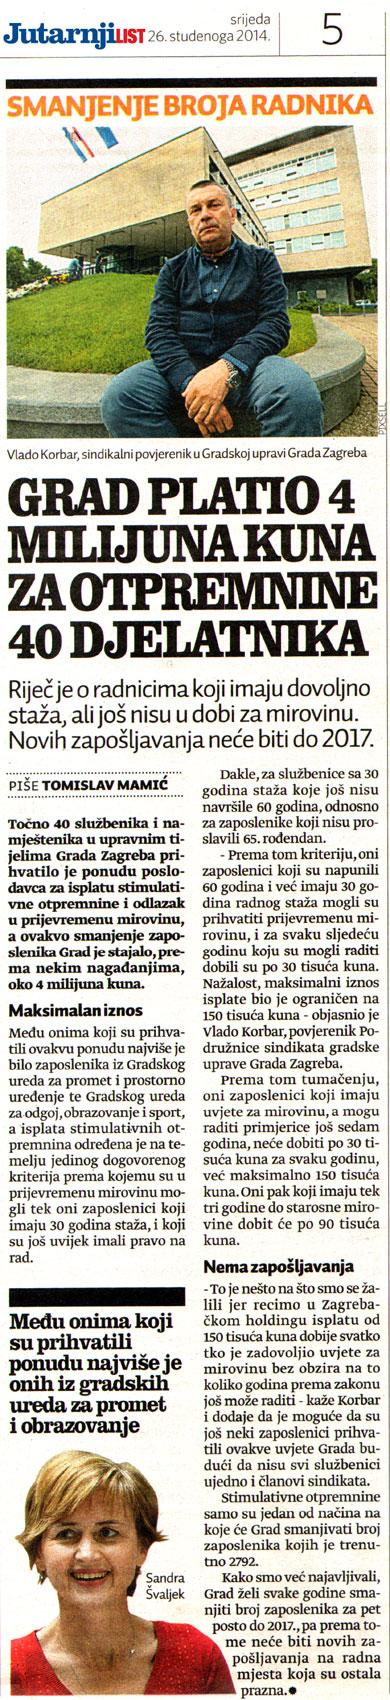 JUTARNJI LIST o smanjenju broja zaposlenih u Gradu Zagrebu